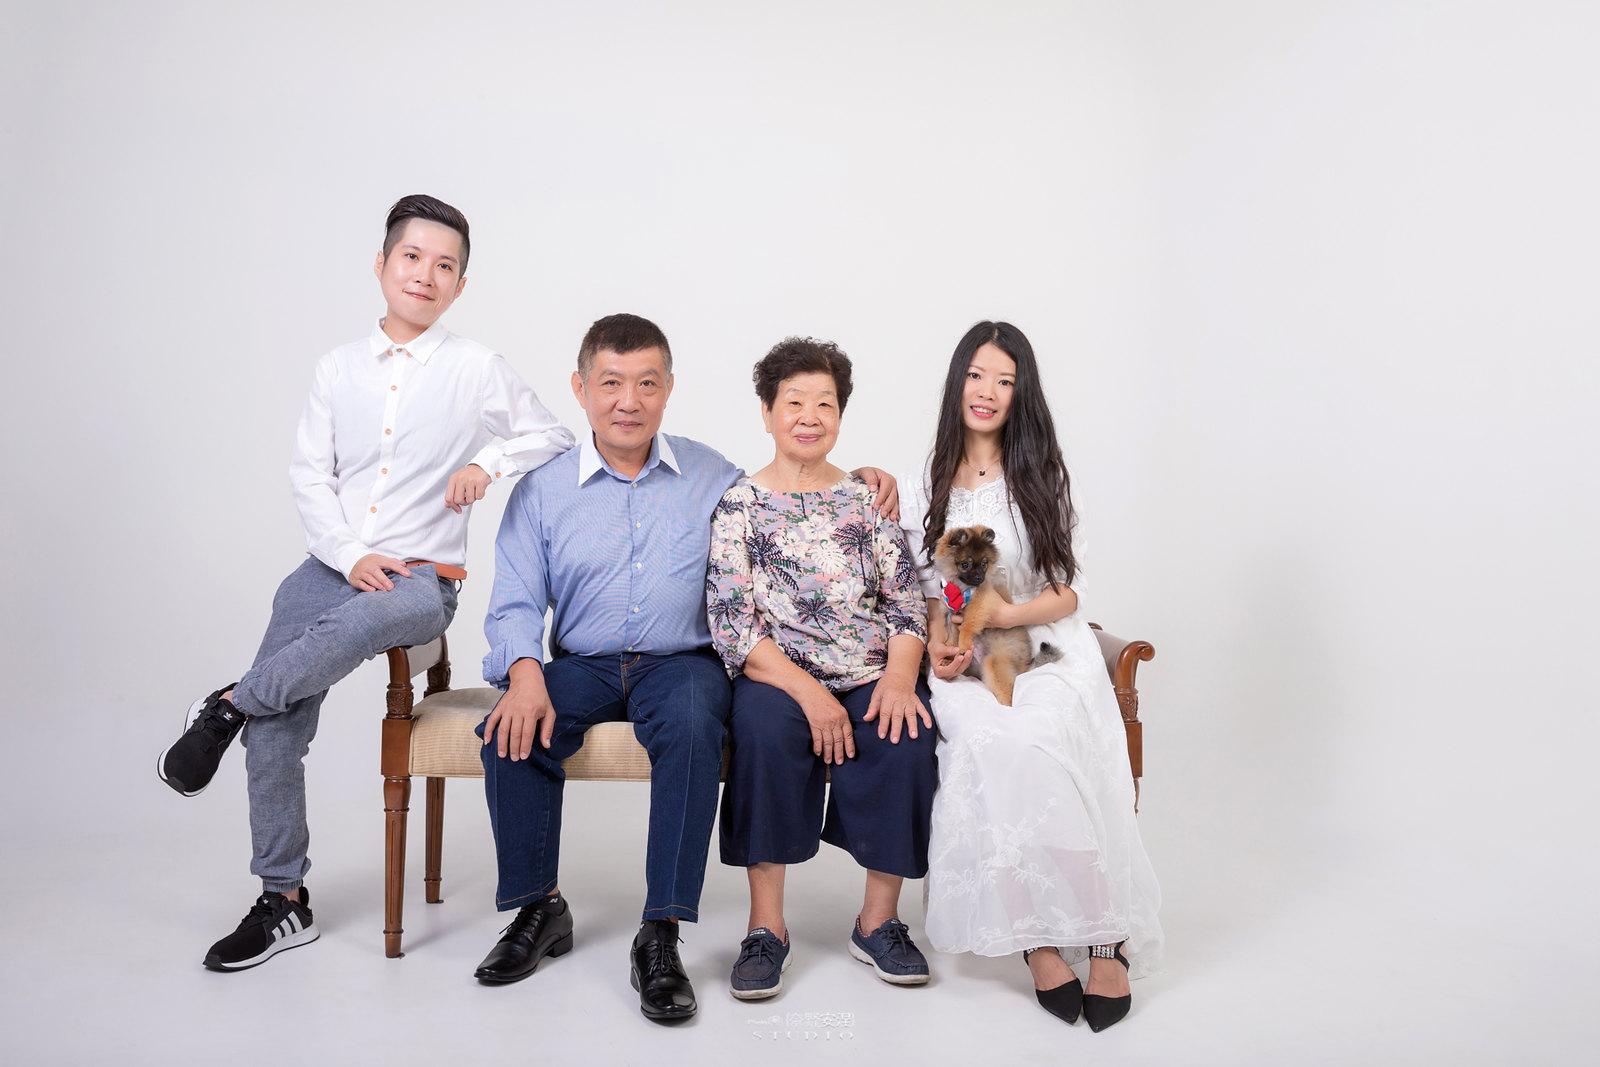 台南全家福 | 拋棄傳統合照的彆扭,忠實呈現家人間最親密的情感6